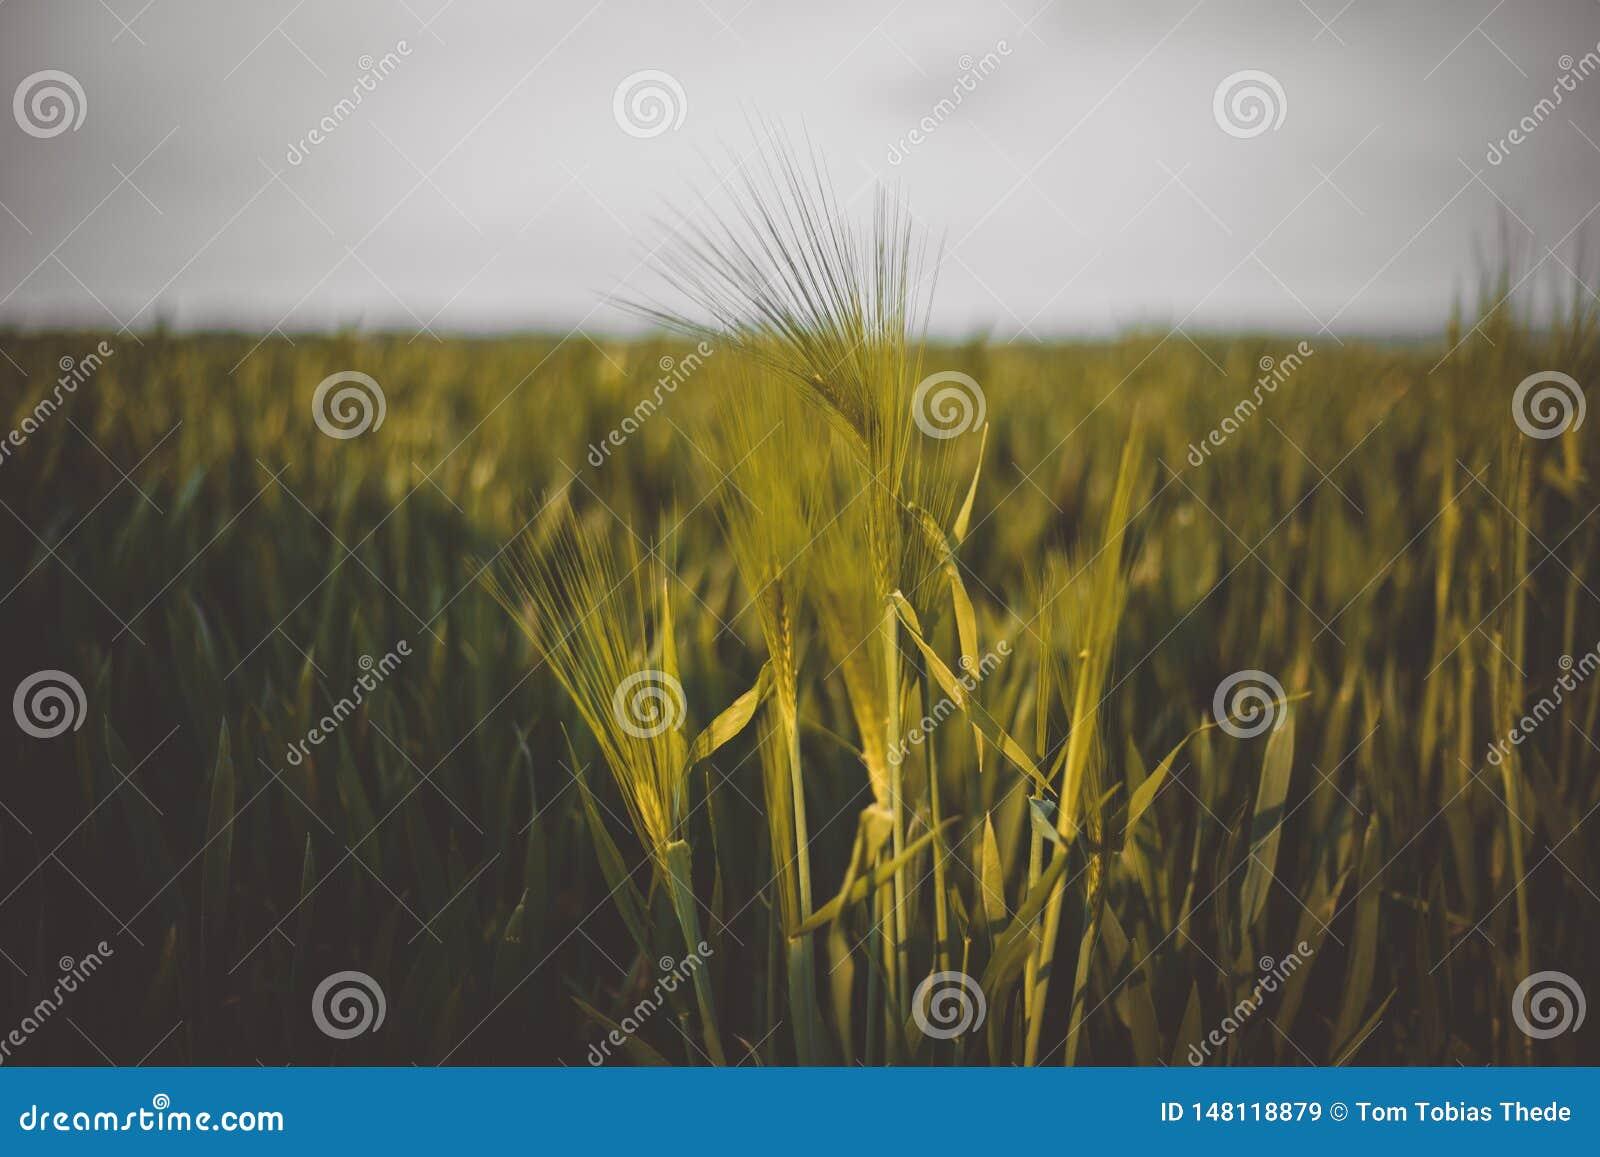 夏天农田背景用大麦